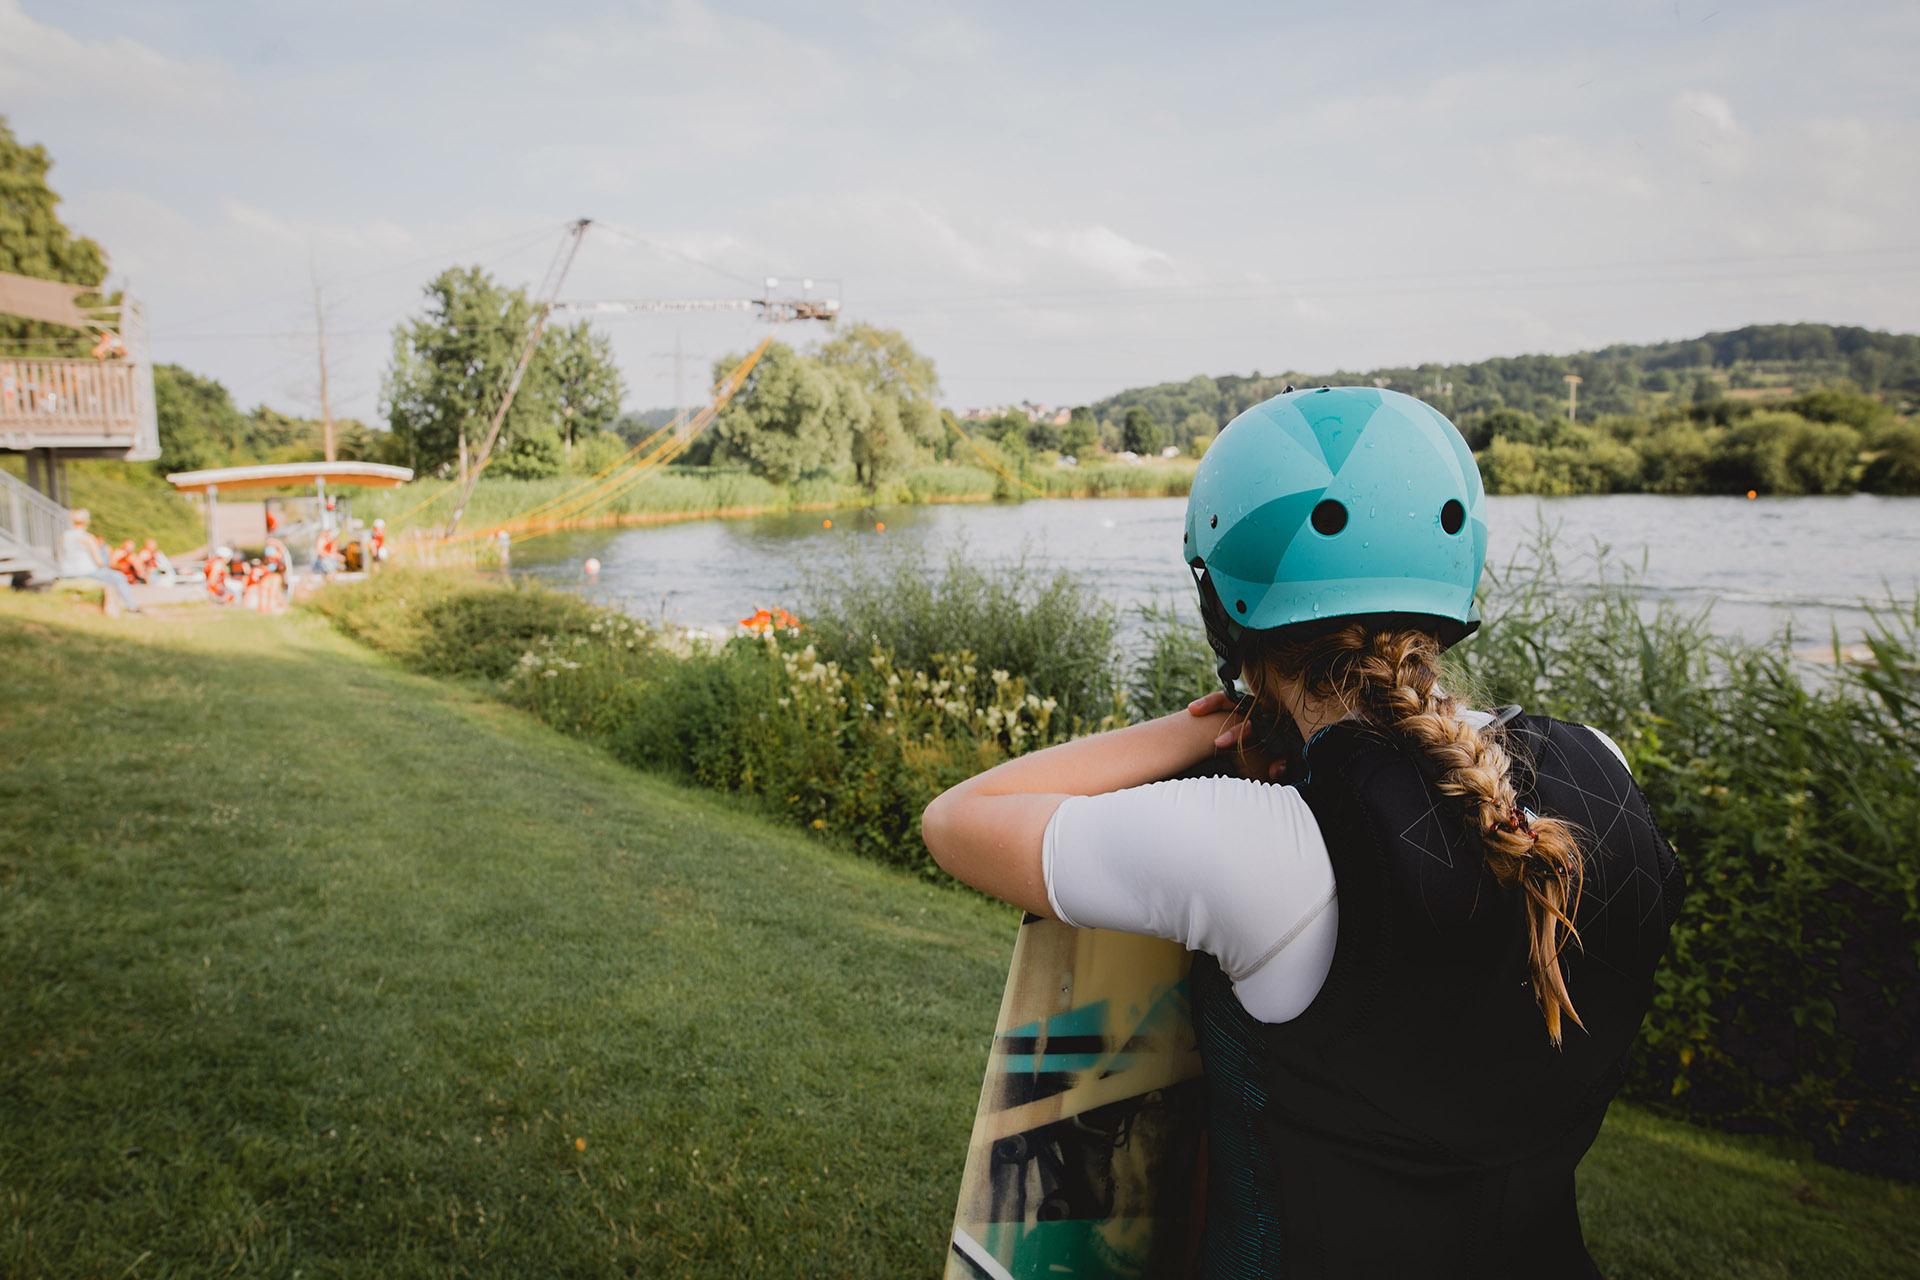 Schlosssee, Wasserski-Anlage